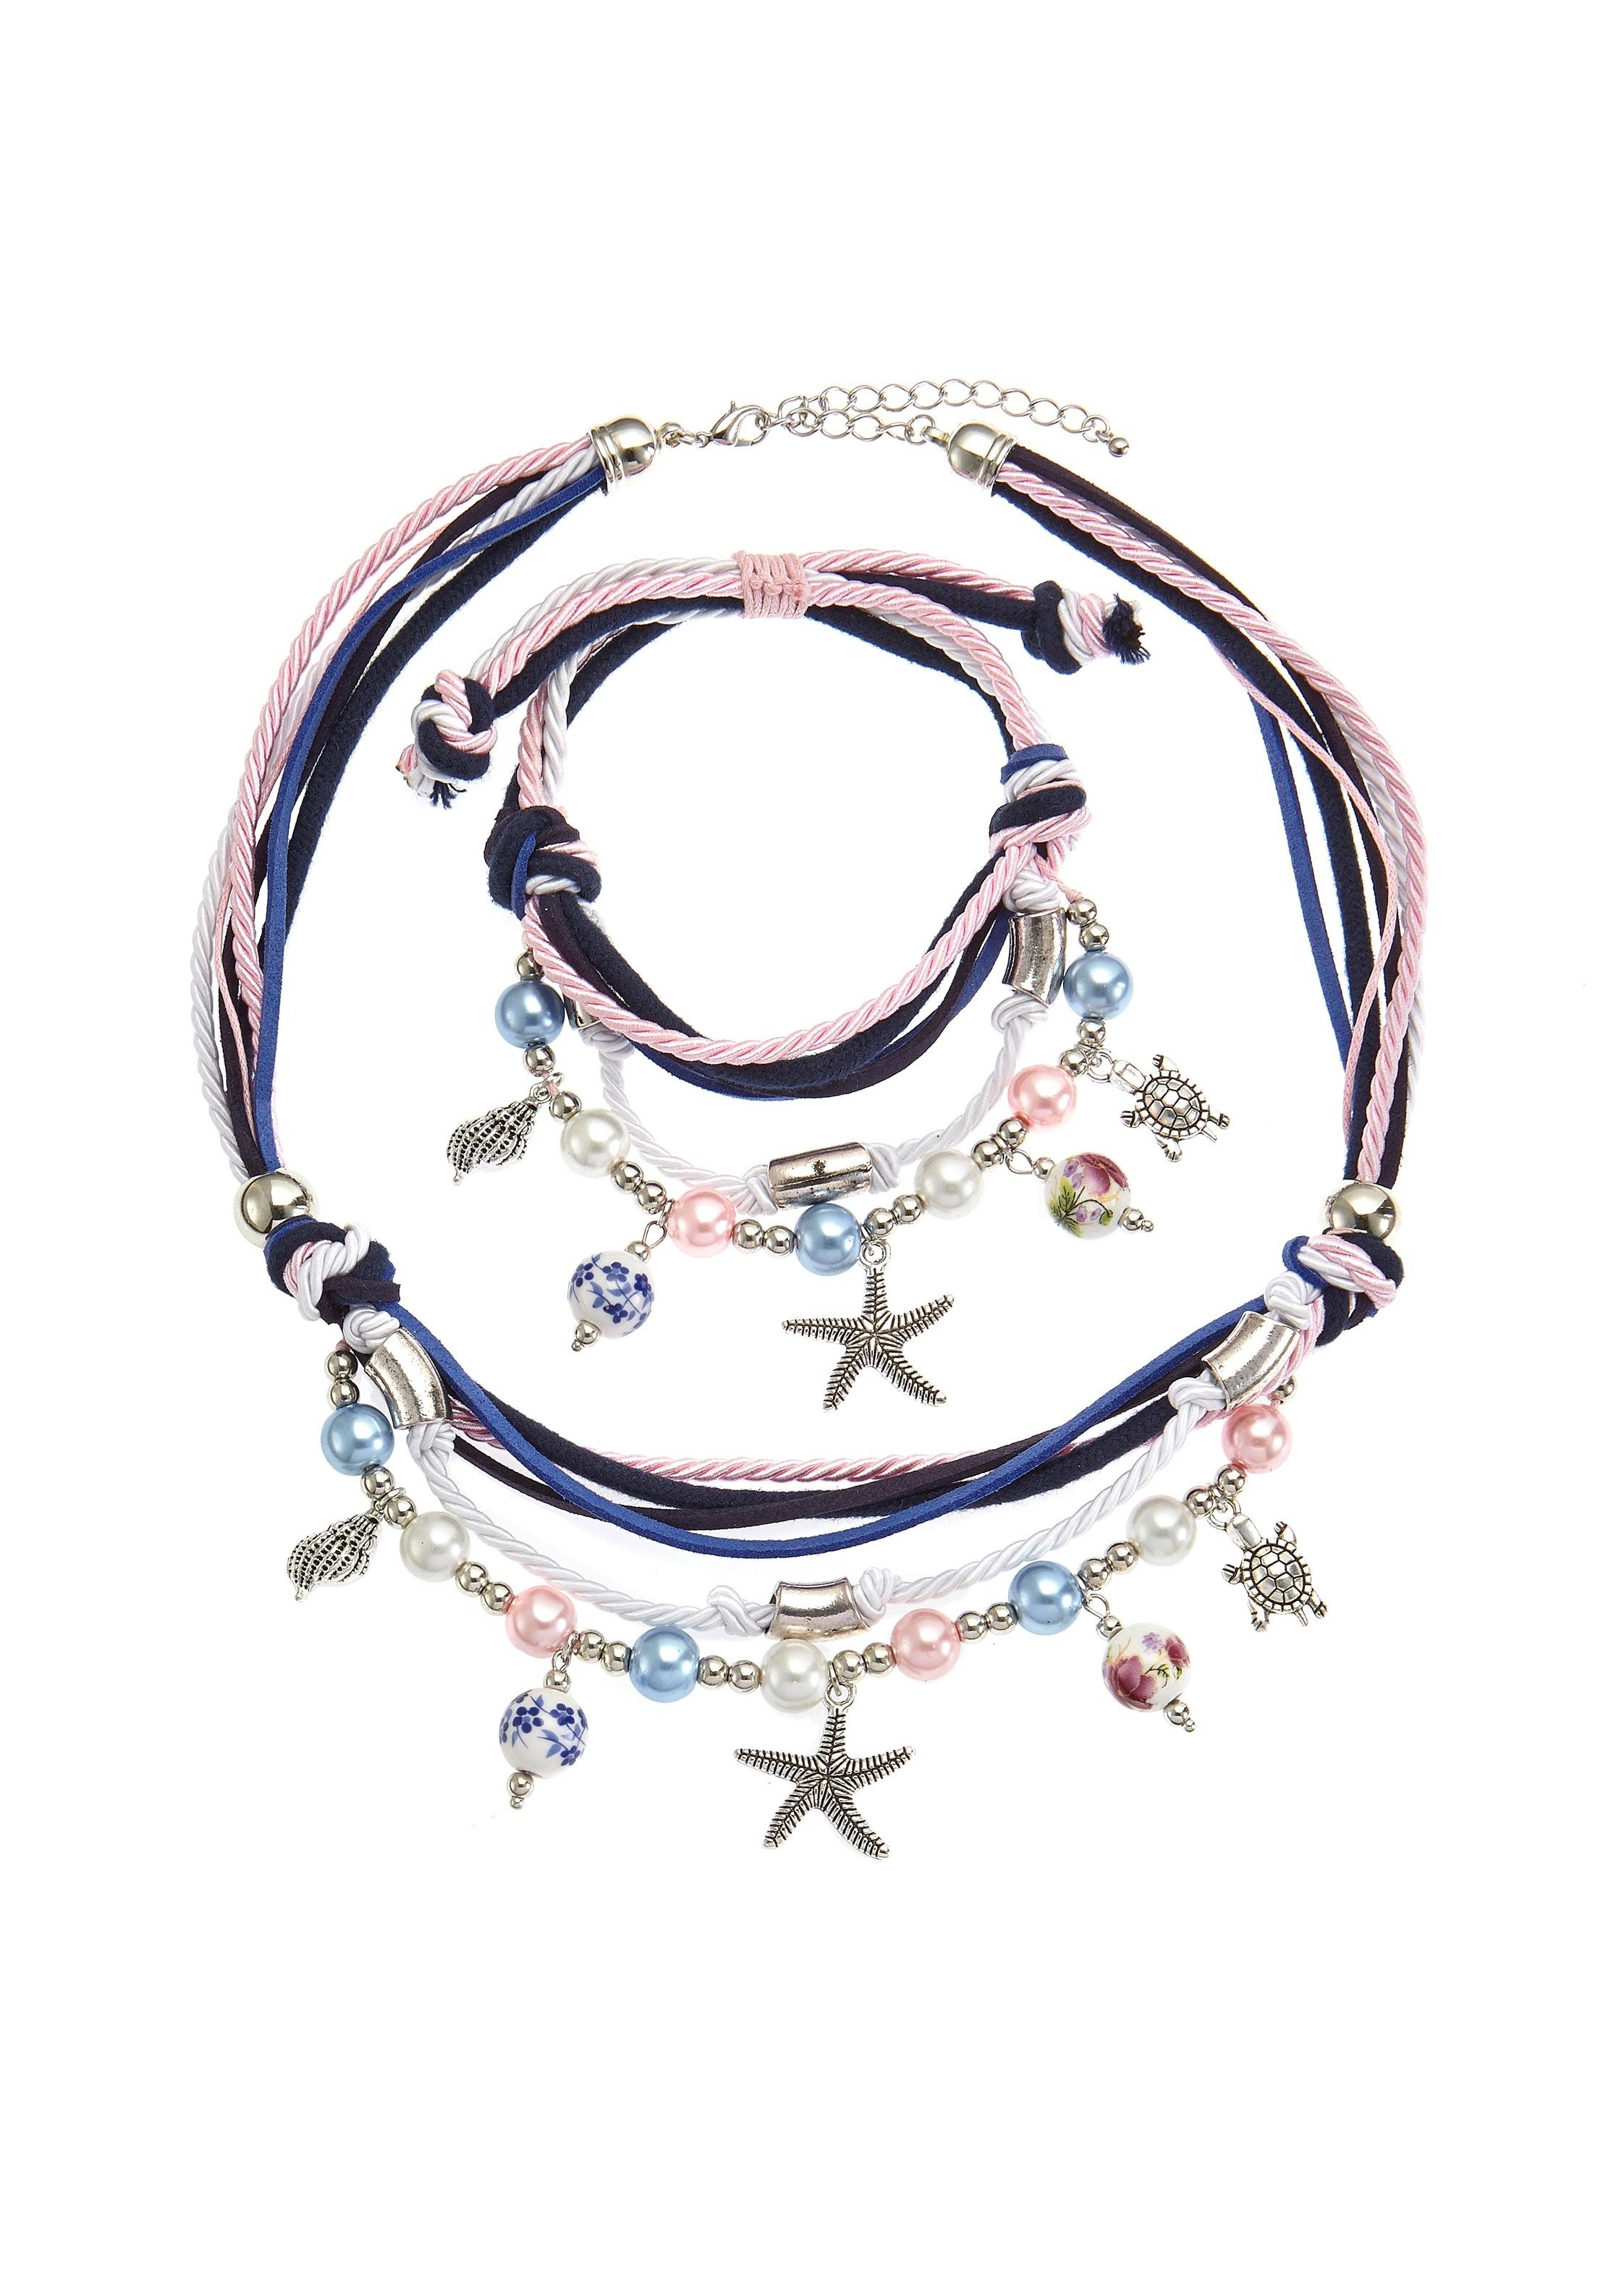 Lascana Sieradenset Ketting en armband met heel veel hangertjes online kopen op lascana.nl